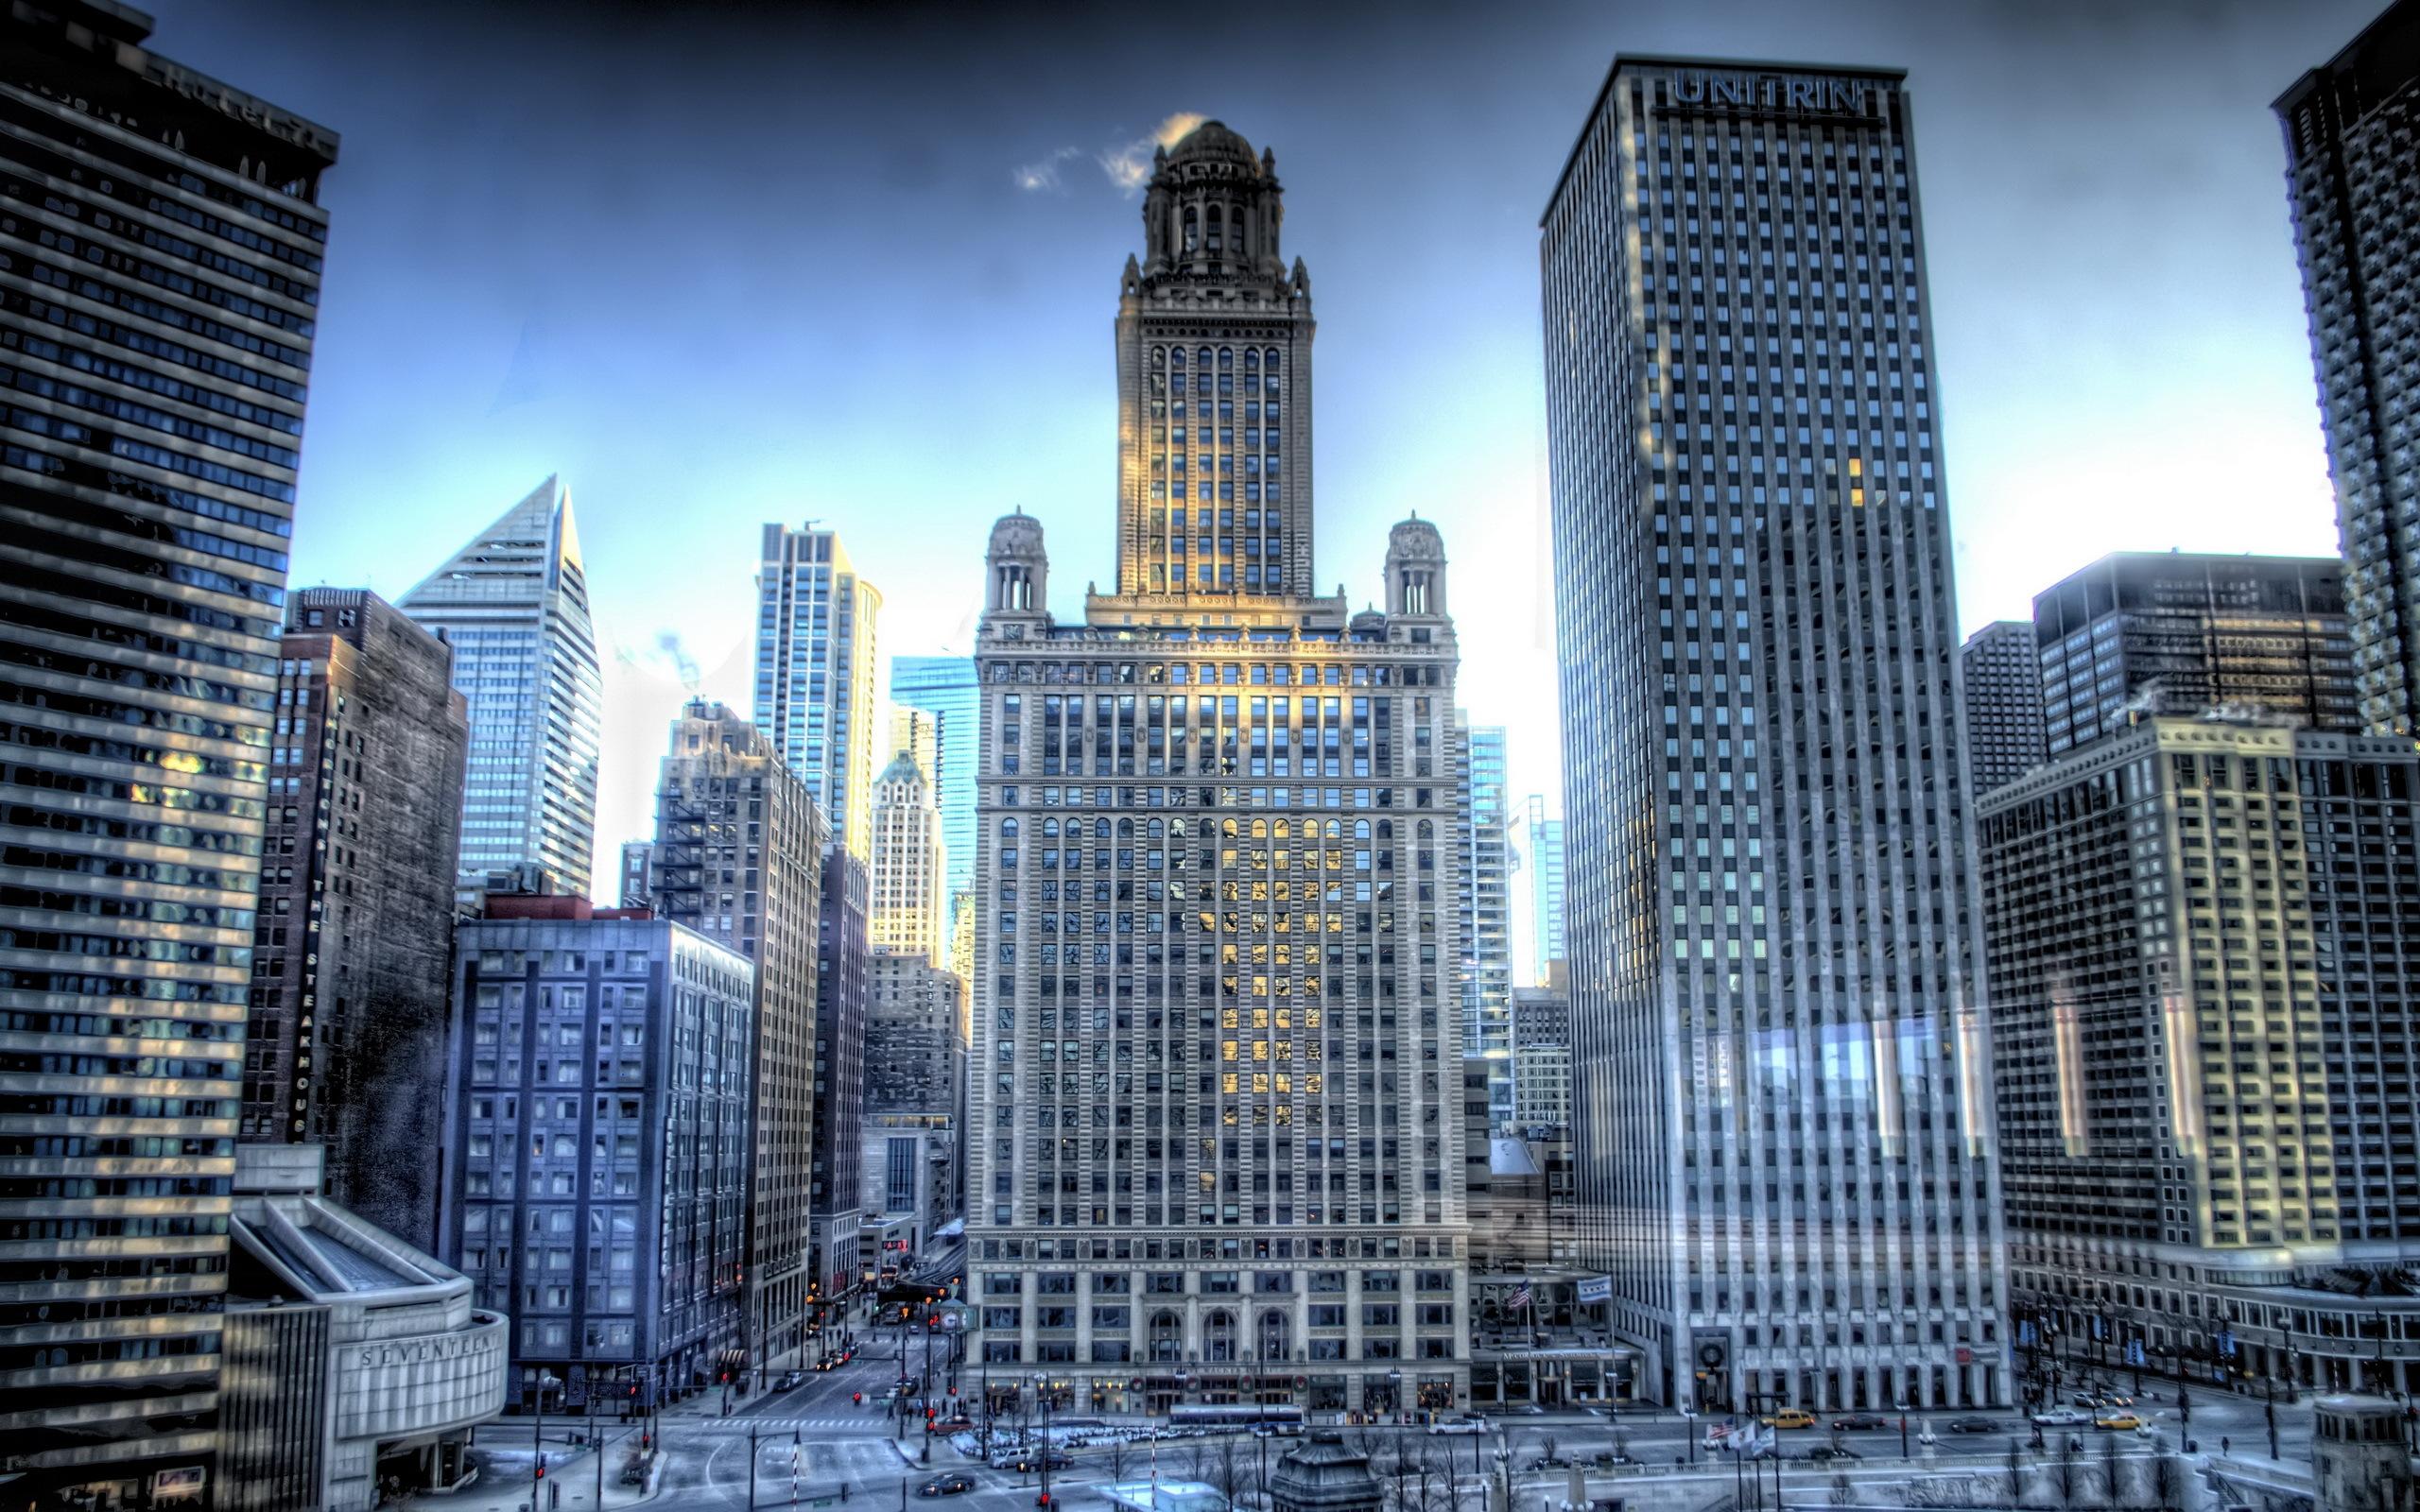 швейного фотообои на рабочий стол высотные здания компании центральный